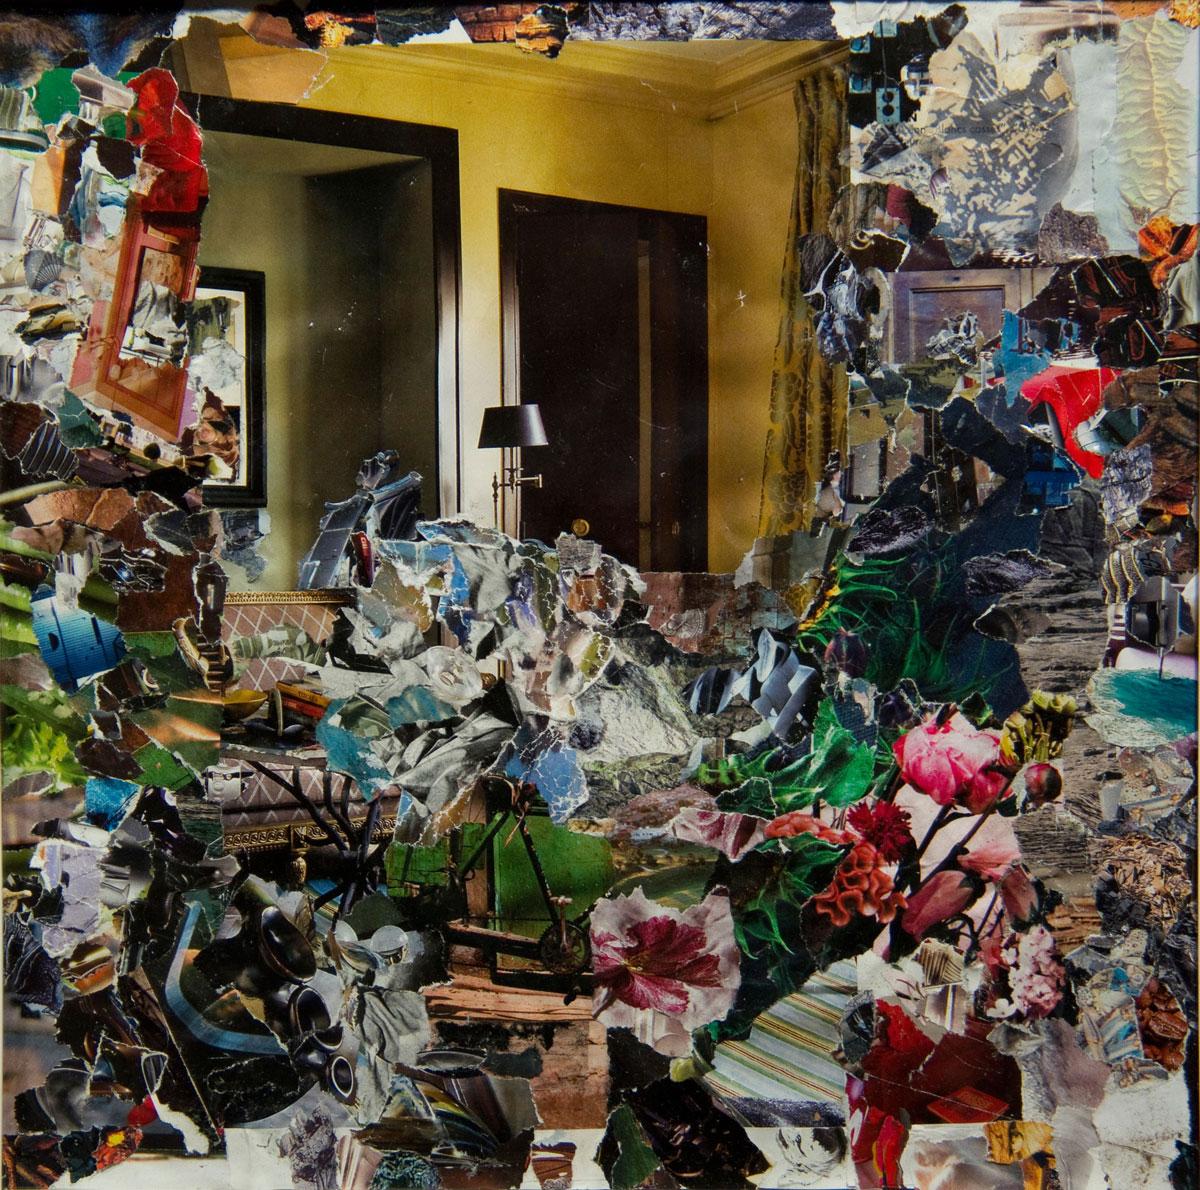 Philippe Briard - Les Floraisons de la bicyclette, 2011, collage, 30 x 30 cm